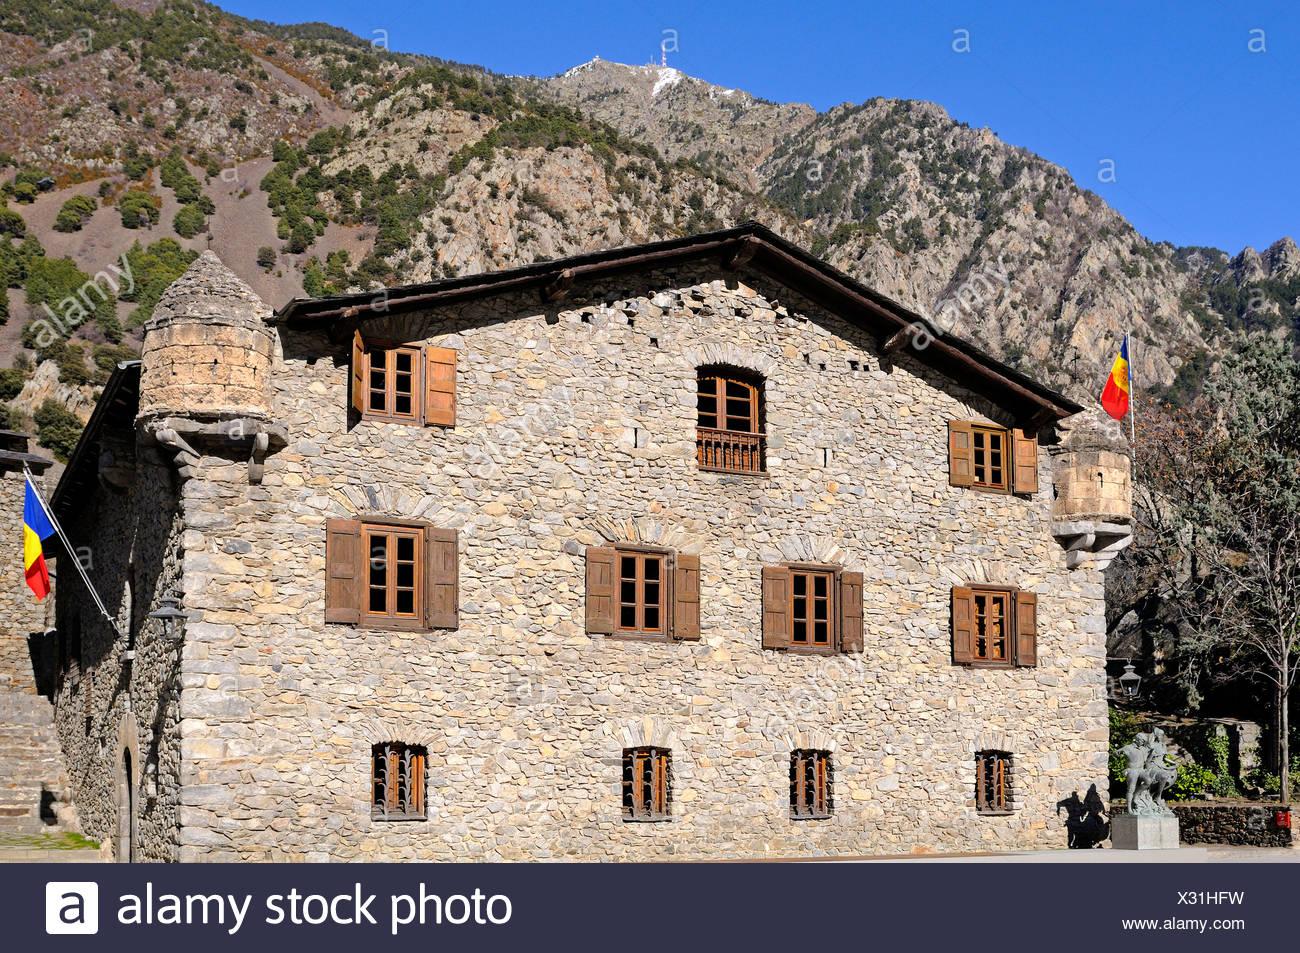 Casa de la Vall, the seat of the Parliament of Andorra, the smallest European Parliament, Barri Antic, Andorra La Vella, Andorra - Stock Image